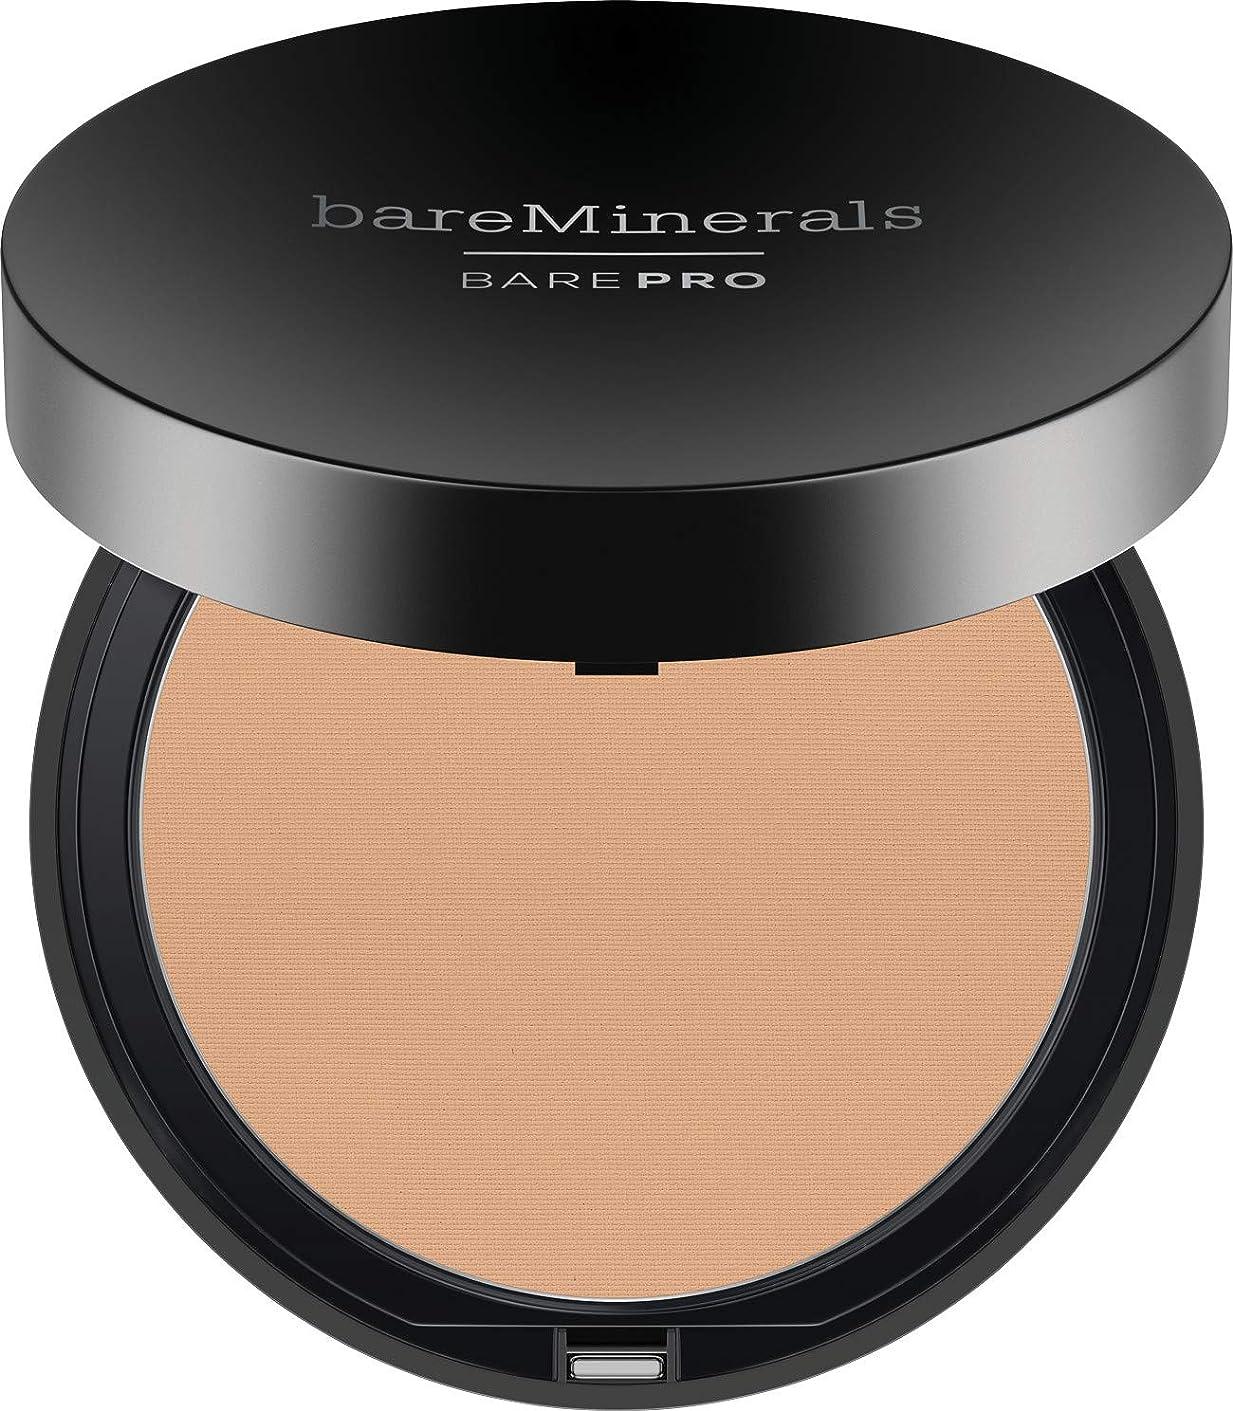 競争旋律的流ベアミネラル BarePro Performance Wear Powder Foundation - # 12 Warm Natural 10g/0.34oz並行輸入品